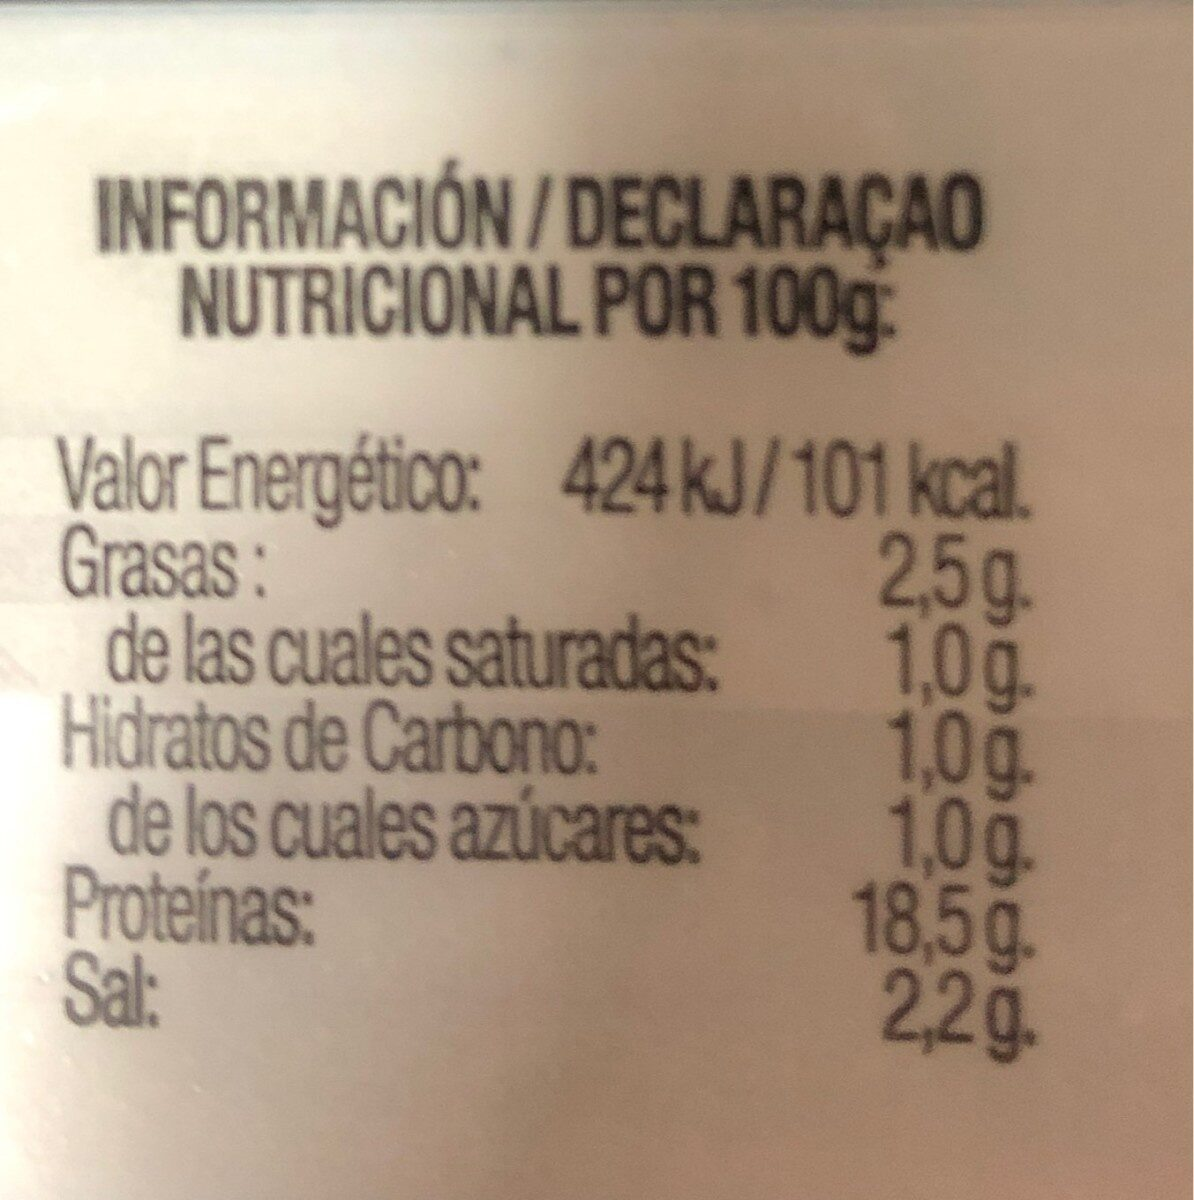 Jamón cocido extra - Voedingswaarden